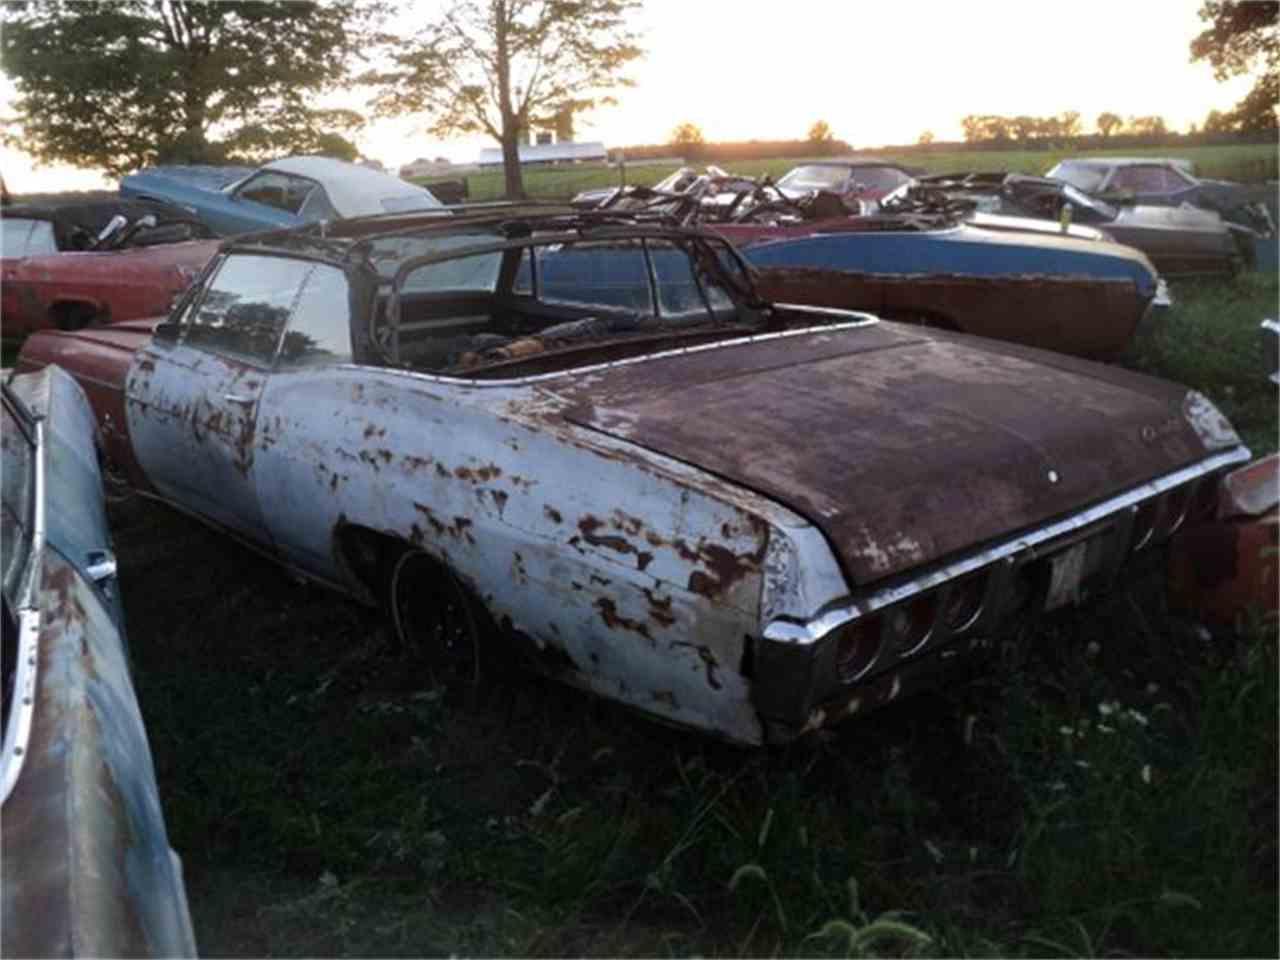 Large Picture of Classic '68 Chevrolet Impala located in Creston Ohio - $1,500.00 - 7P9E